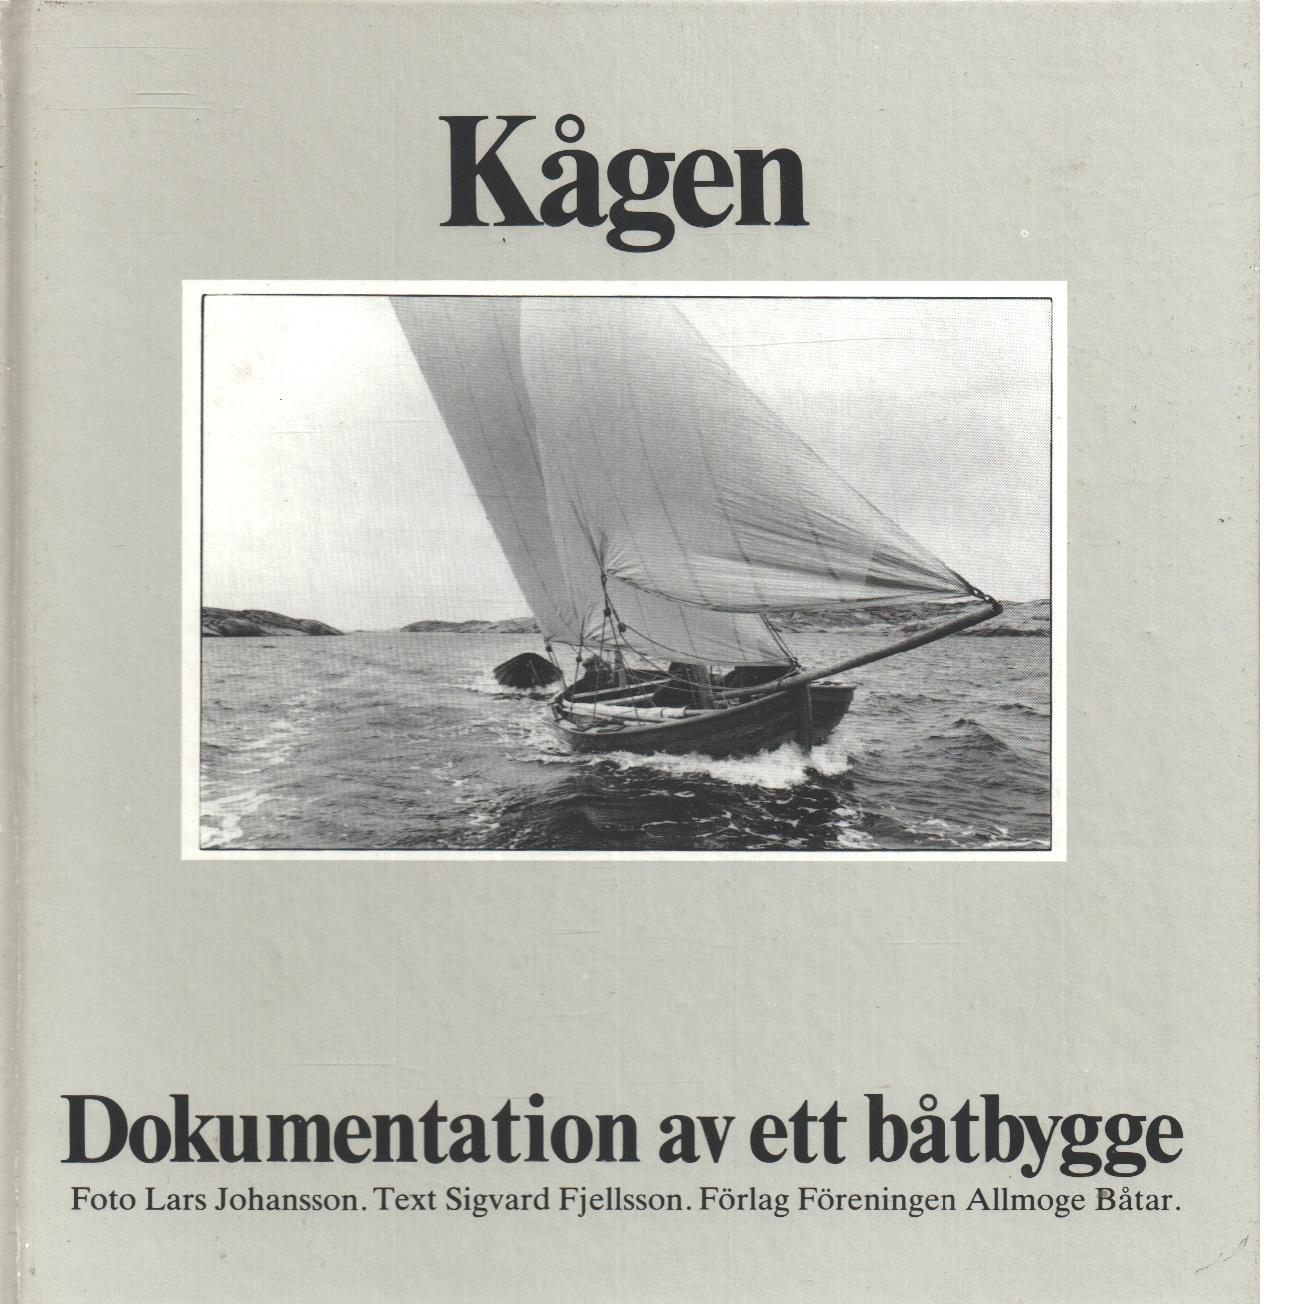 Kågen : dokumentation av ett båtbygge - Johansson, Lars och Fjellsson, Sigvard